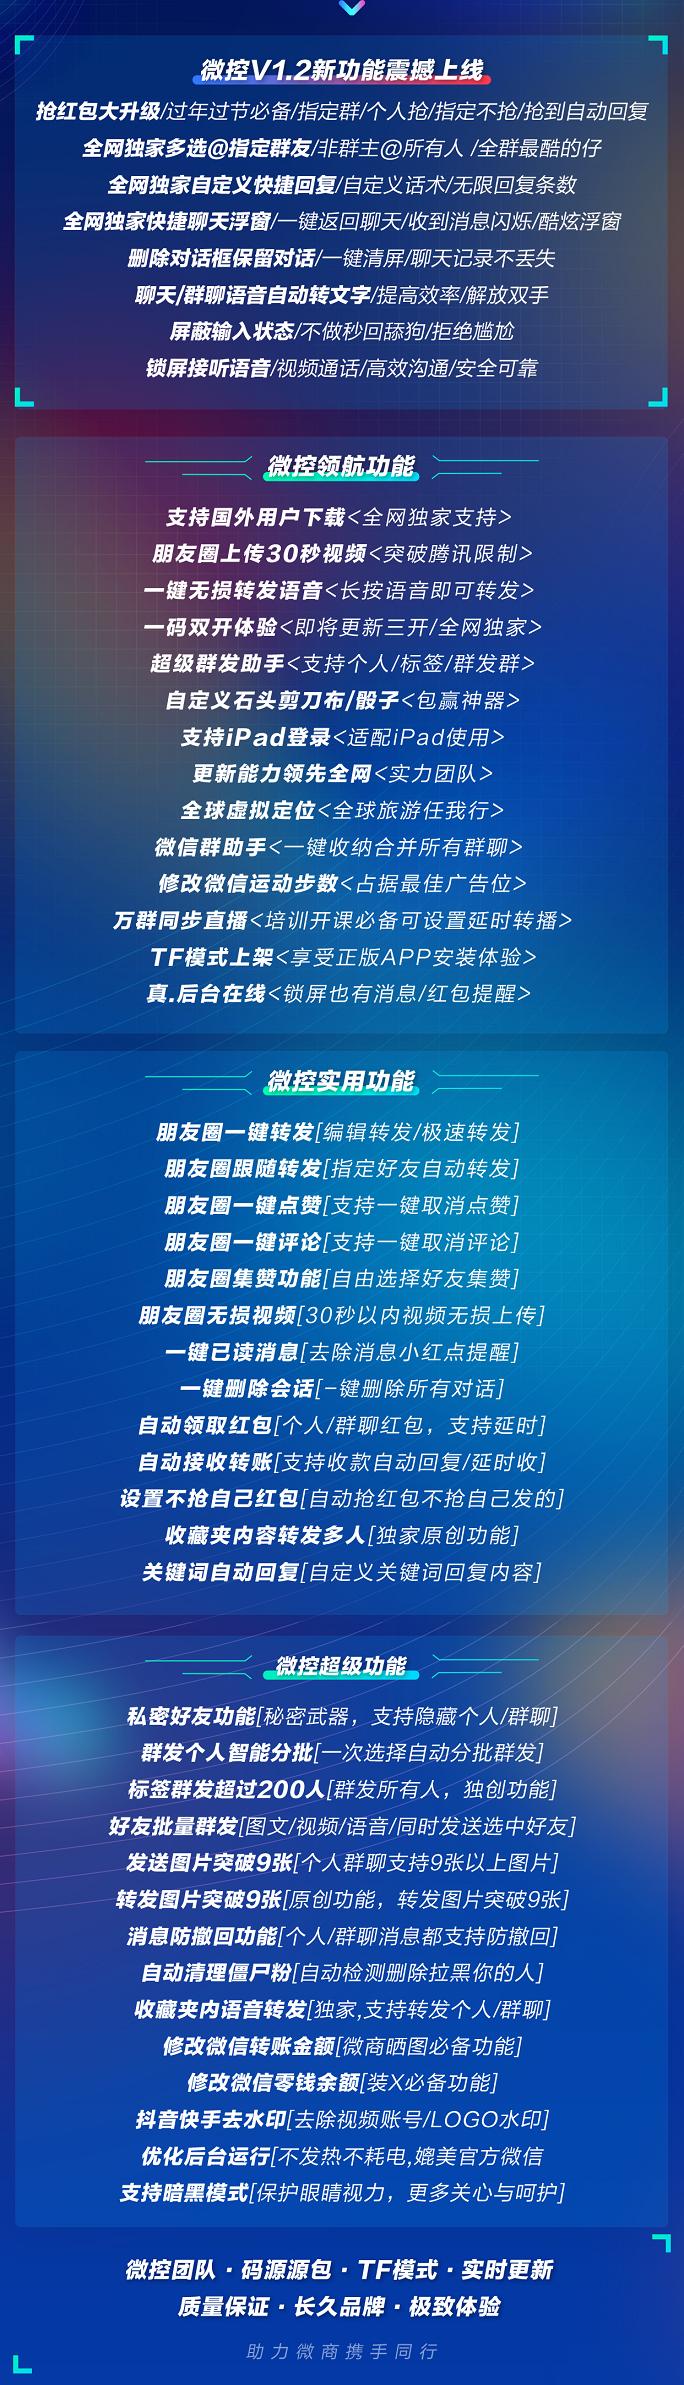 【苹果微信多开图文教程设置】新更新版本独家源码一键转发分身激活码发卡商城授权